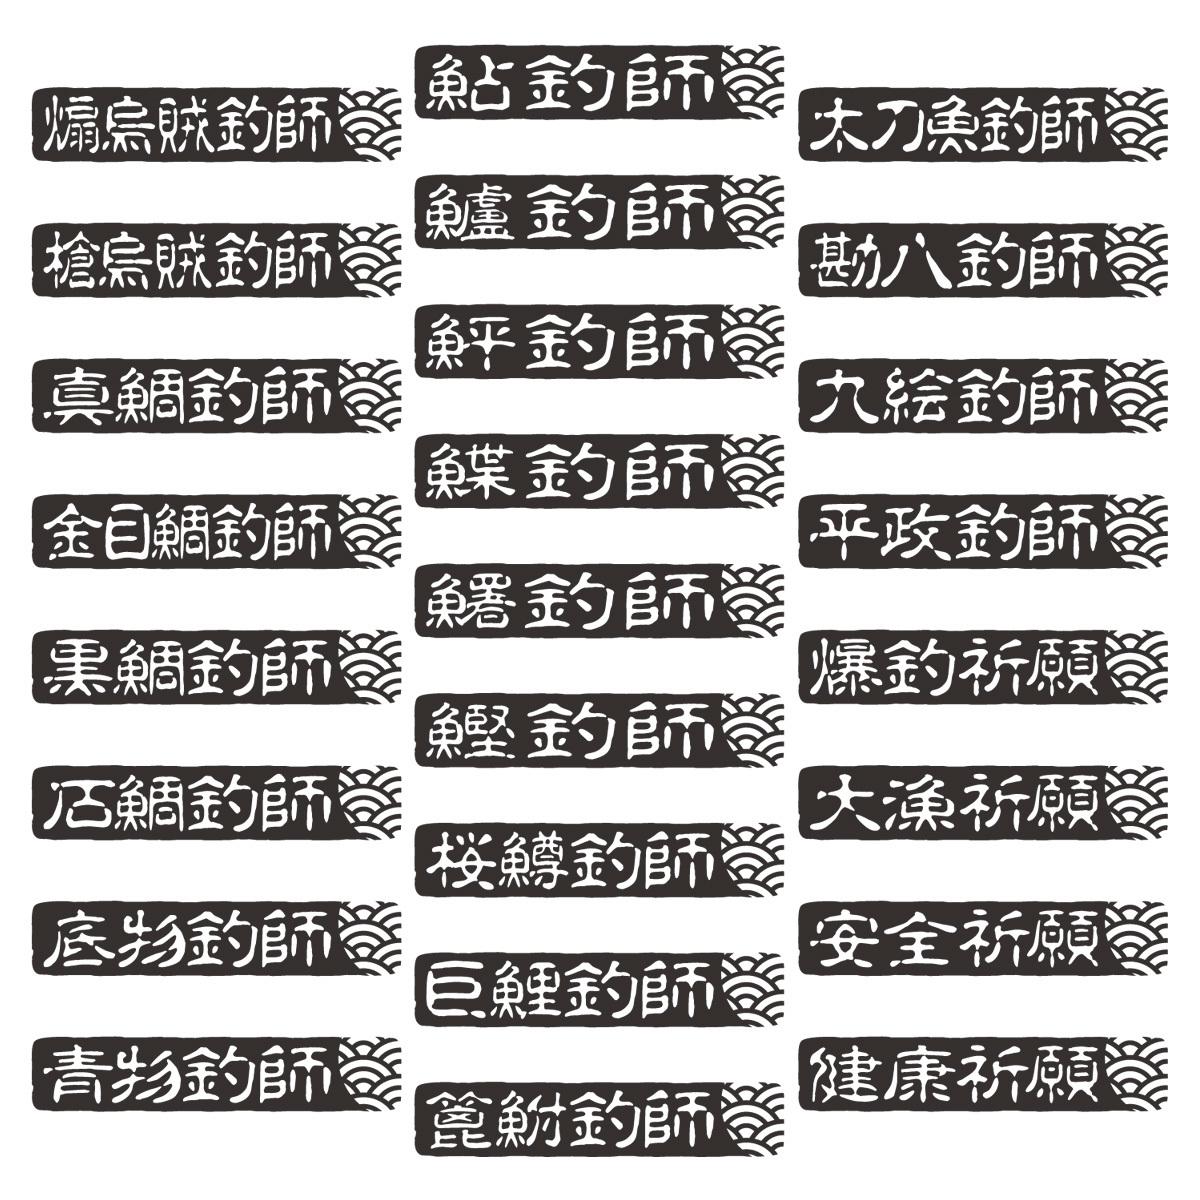 鮎釣師ステッカー 青海波入り 印鑑文字 釣りステッカー 烏賊・真鯛・黒鯛・勘八・鱸・青物・平政・大漁祈願 534_画像2